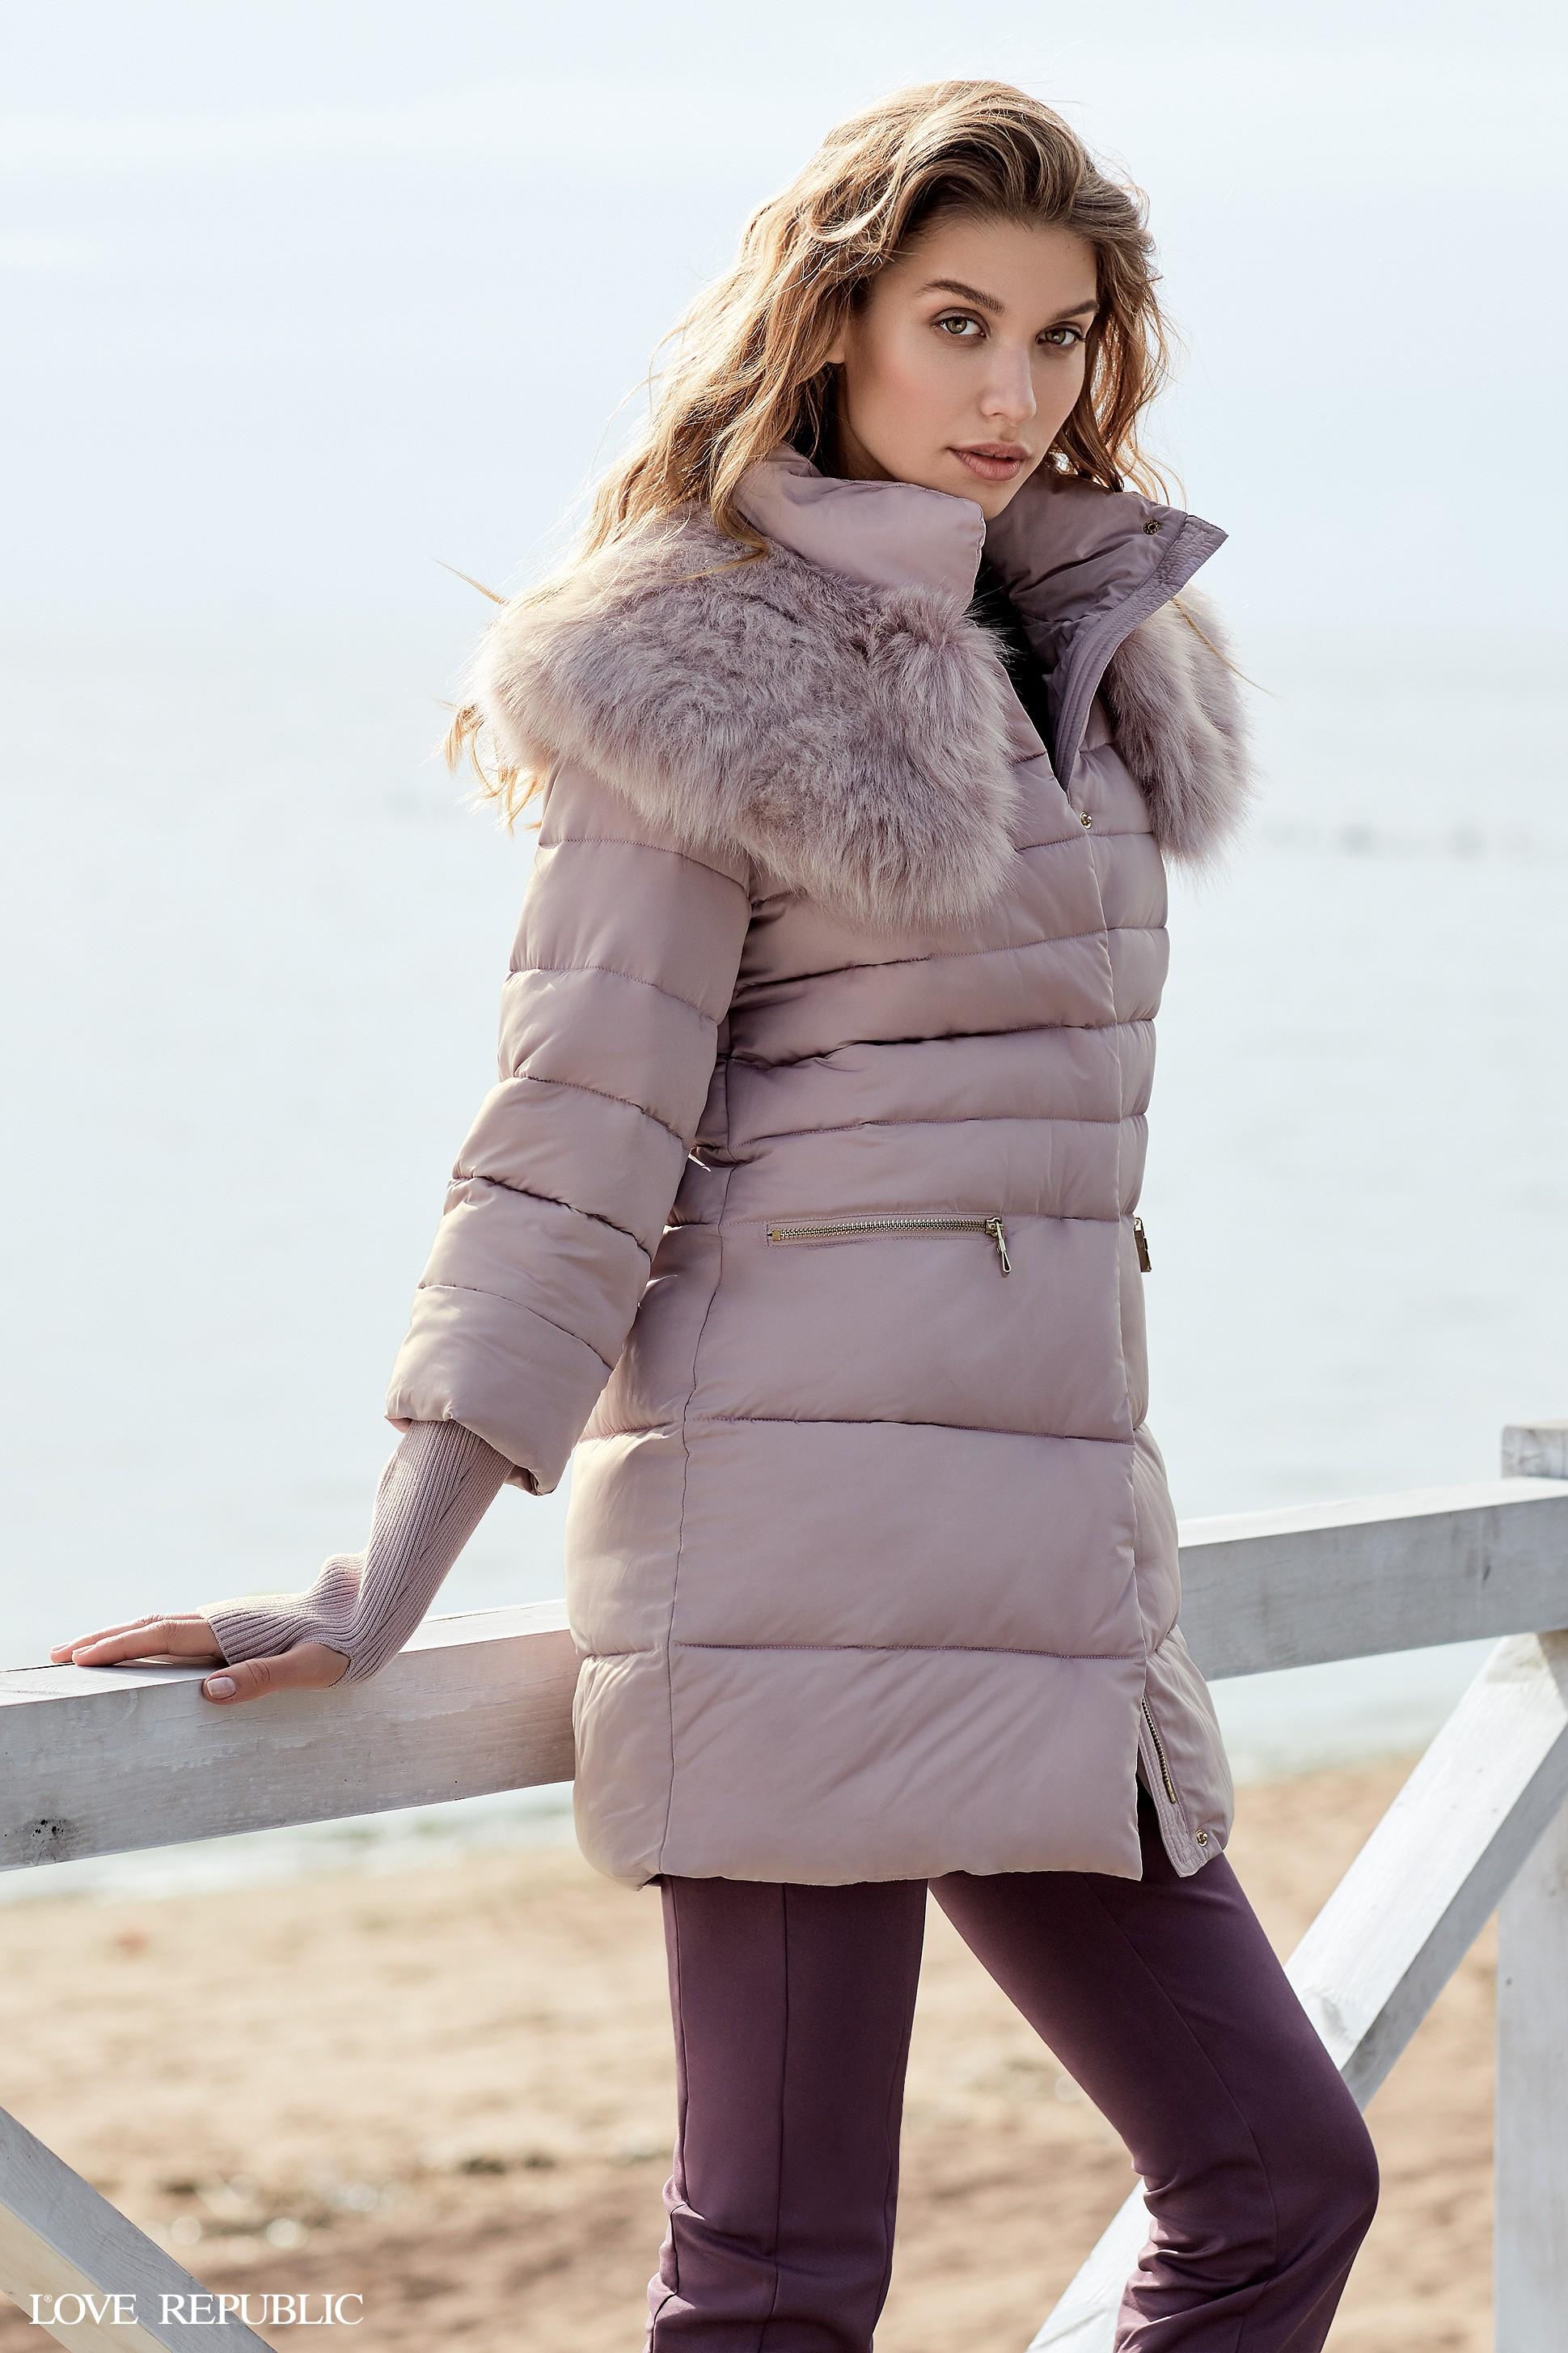 bb810fd509c9 Куртка женская 8450474106-62 - купить в интернет-магазине LOVE REPUBLIC по  цене: 2 999 руб